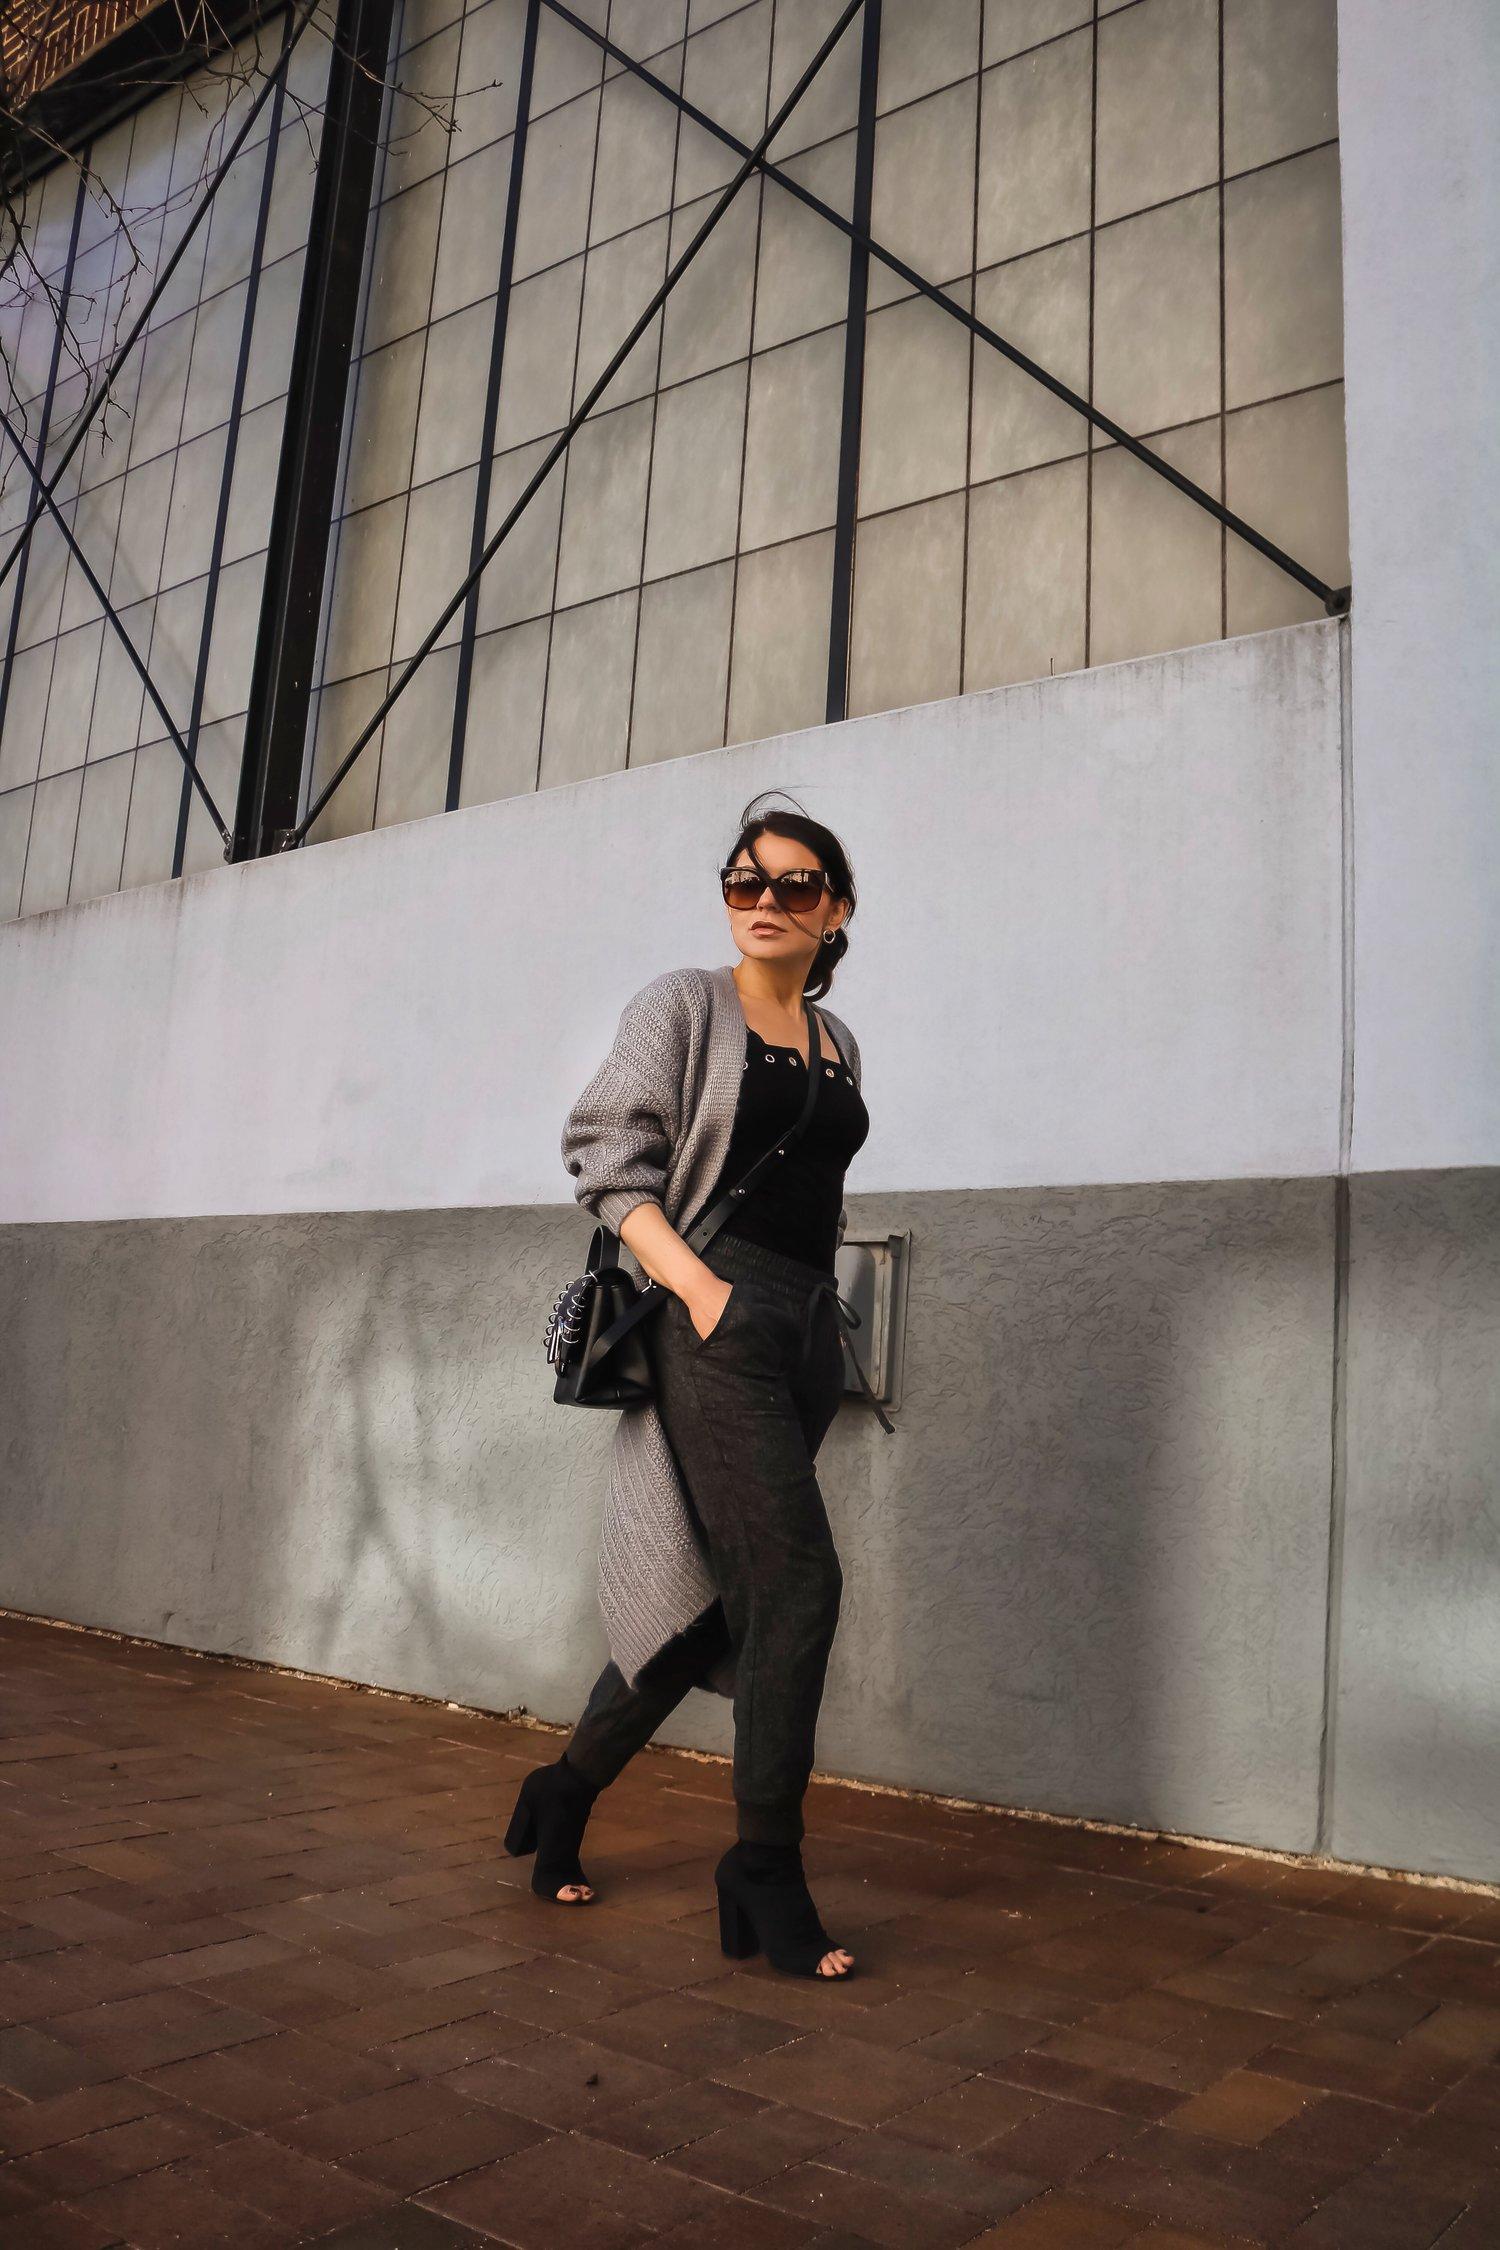 Isabel-Alexander-travel-outfit-tranformation-street-shot